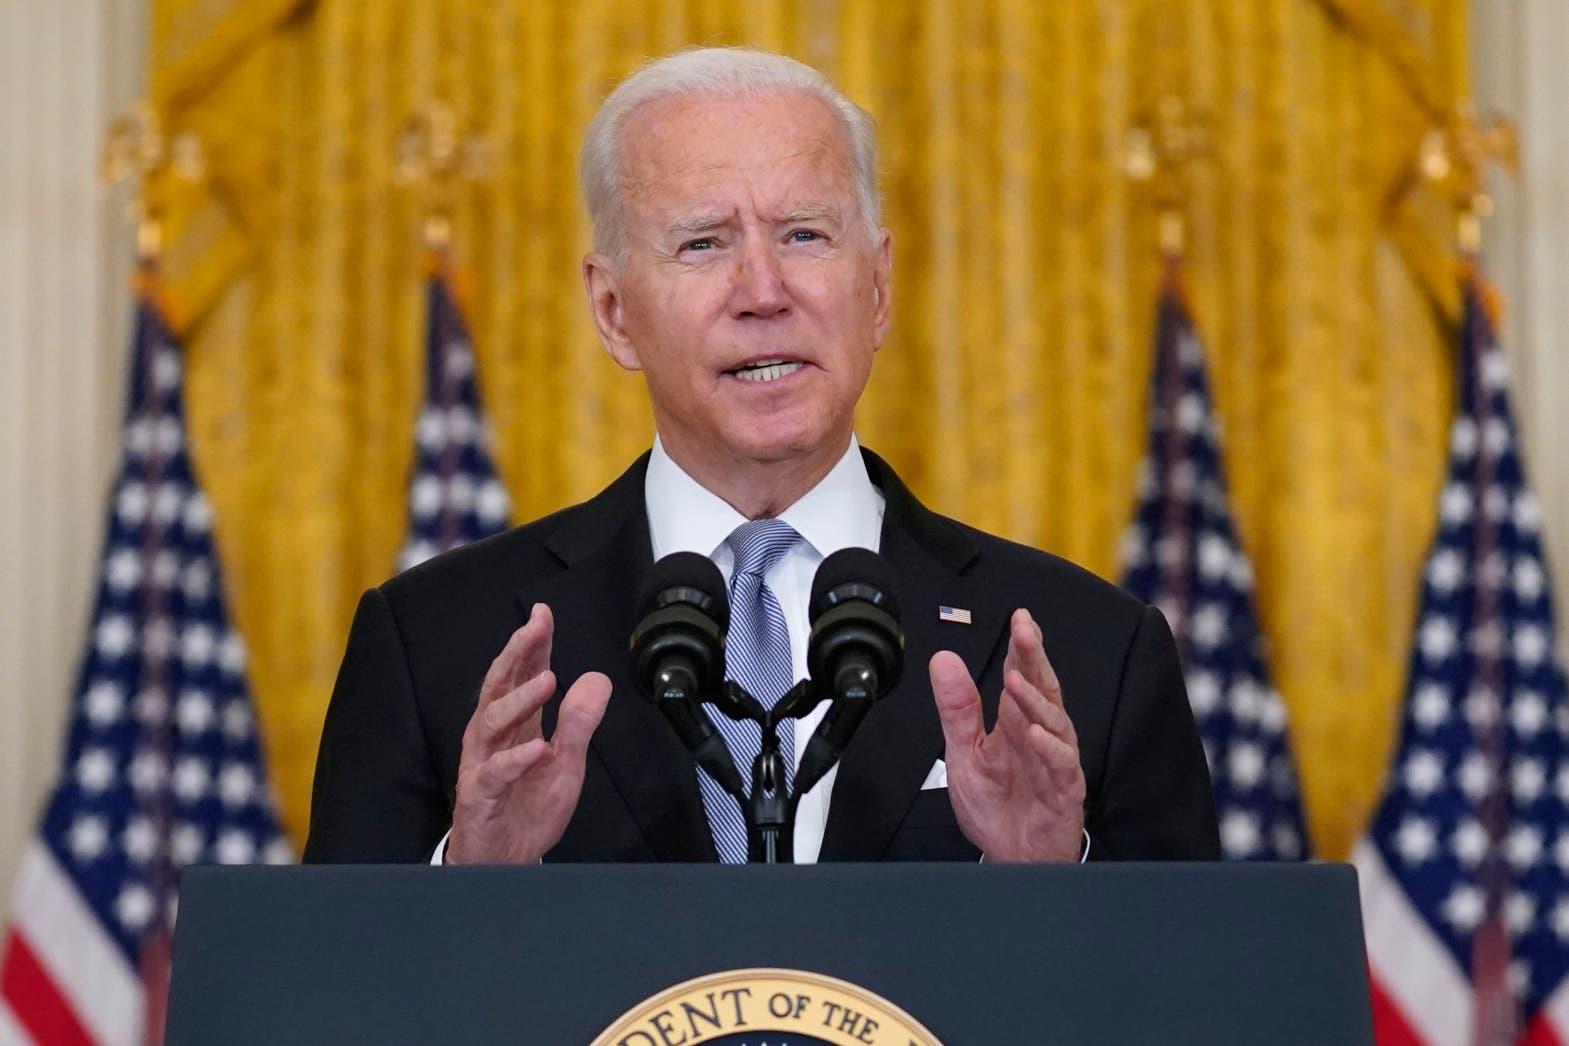 Joe Biden oo si yaab leh uga hadlay xaaladda Afghanistan, jeediyey hanjabaad cusub